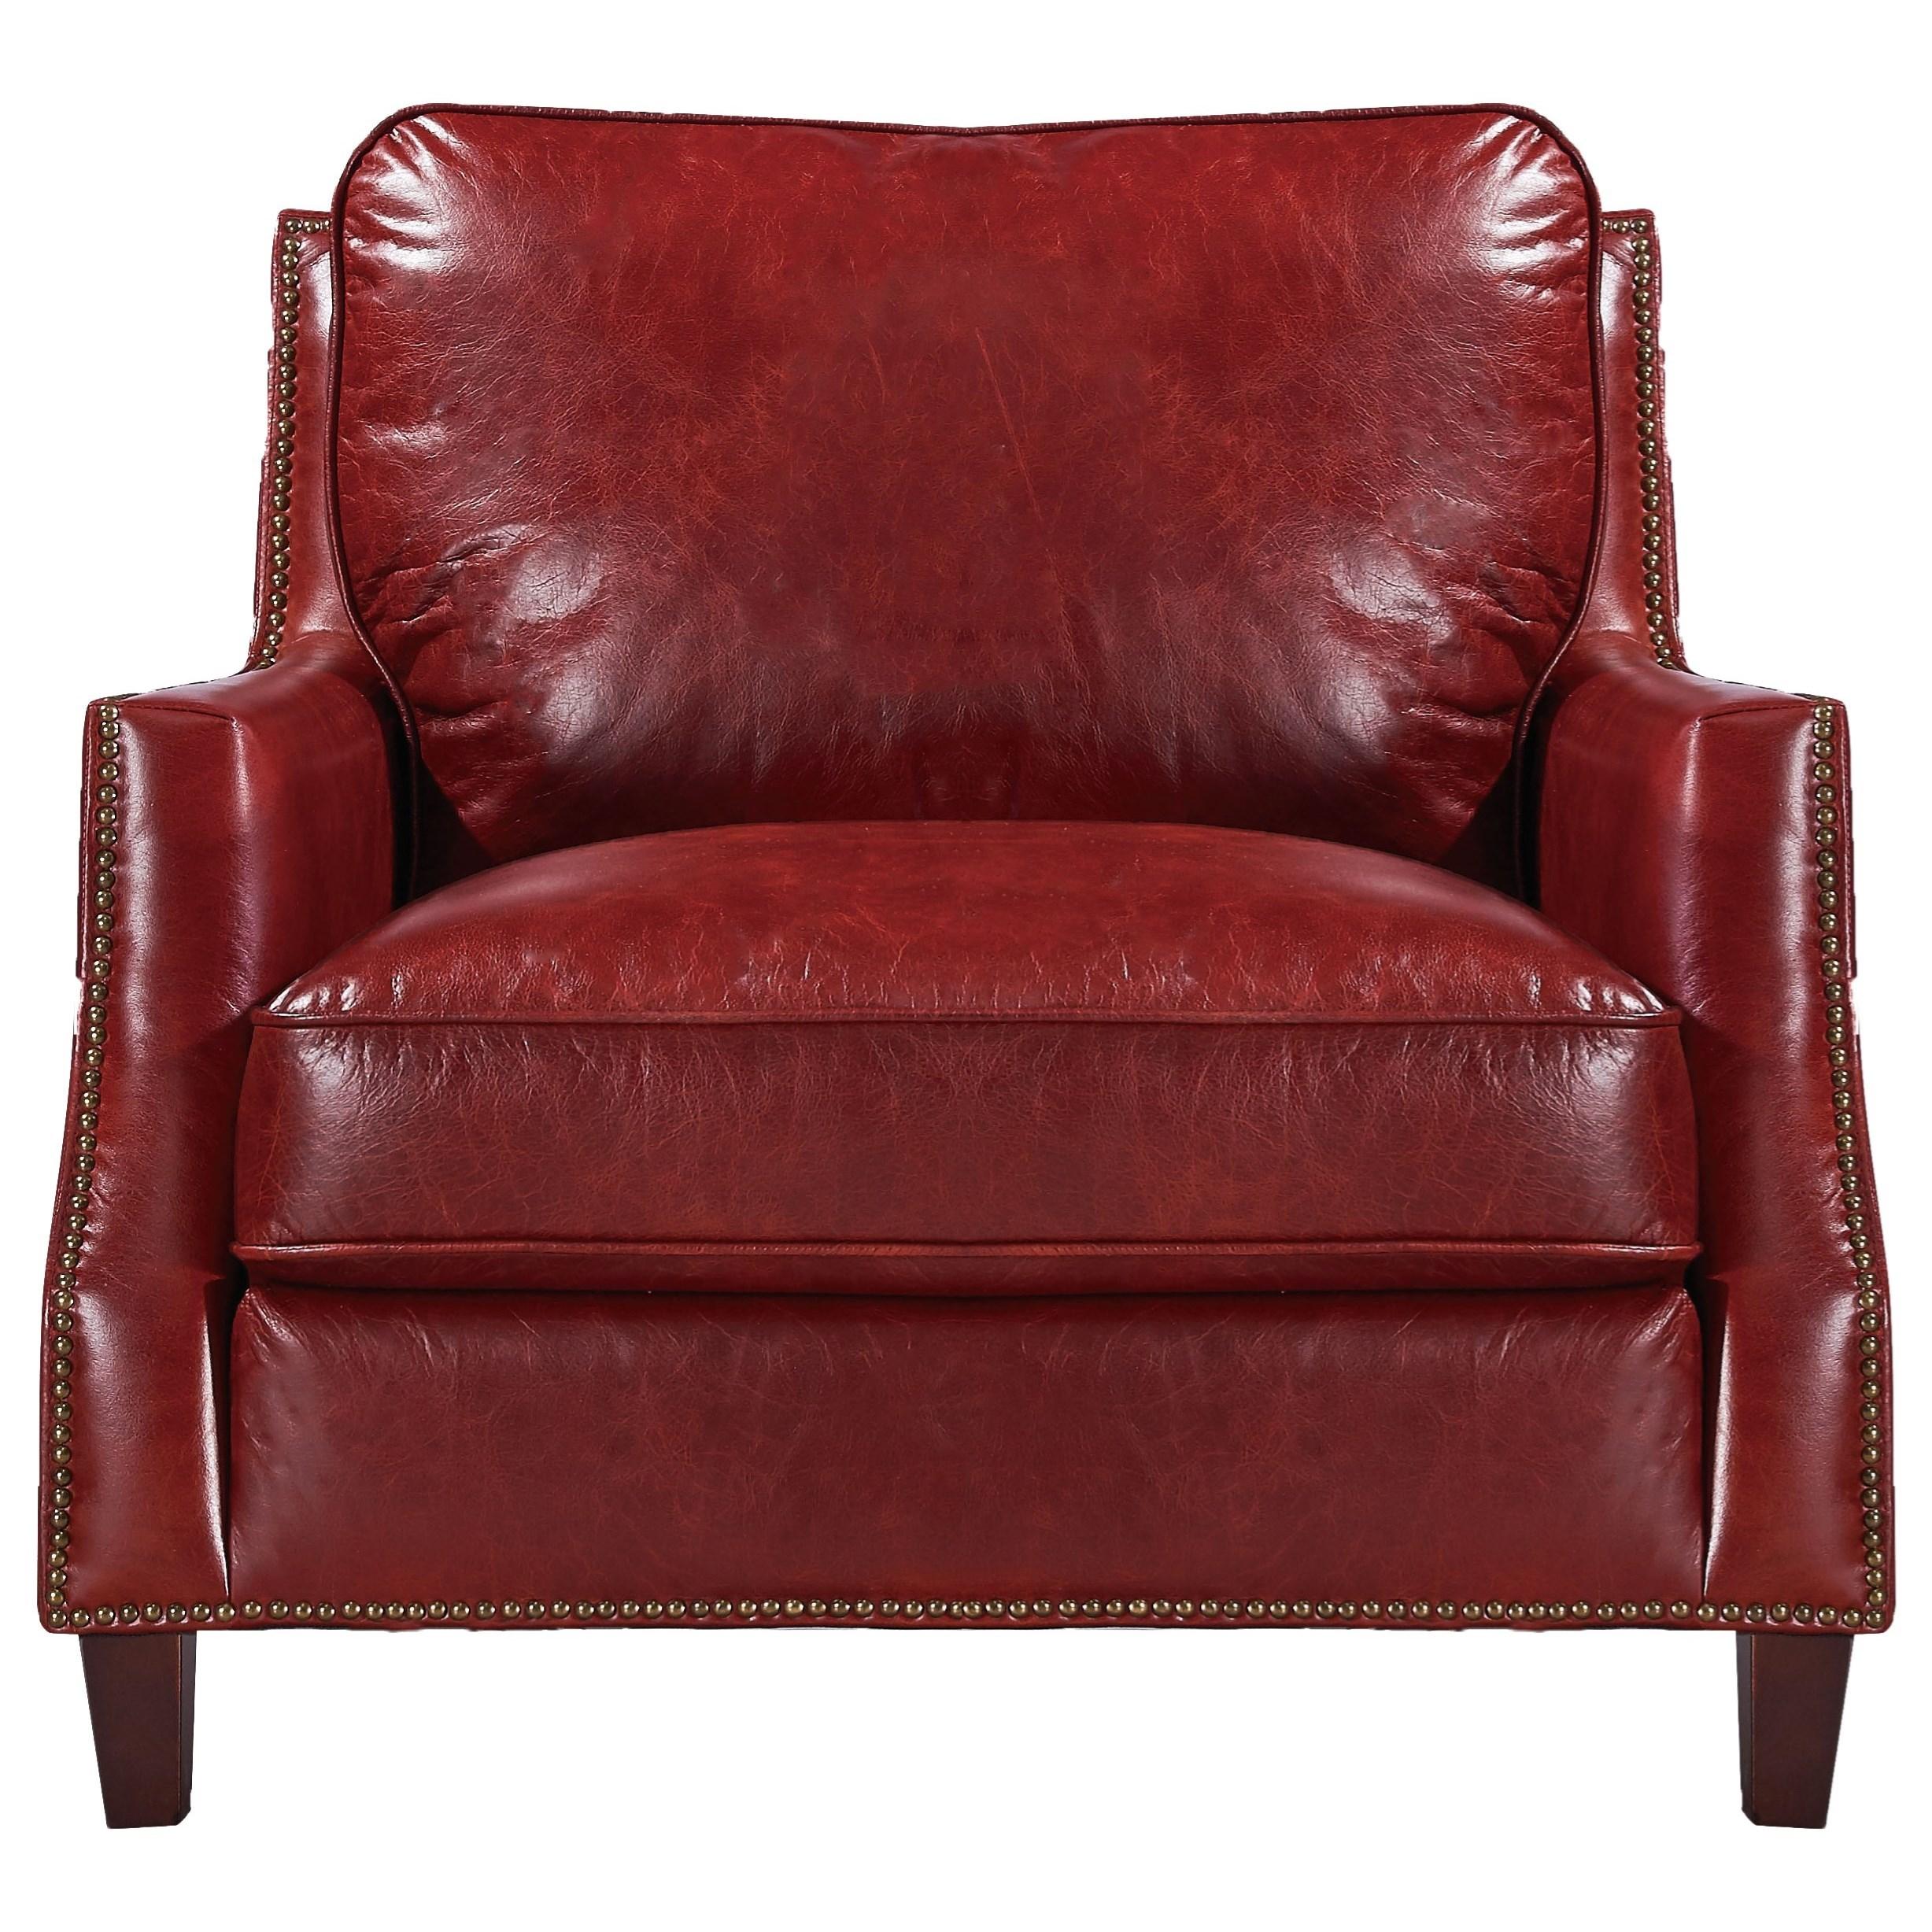 Leather Italia Usa Georgetowne Oakridge 1669 6103 015510